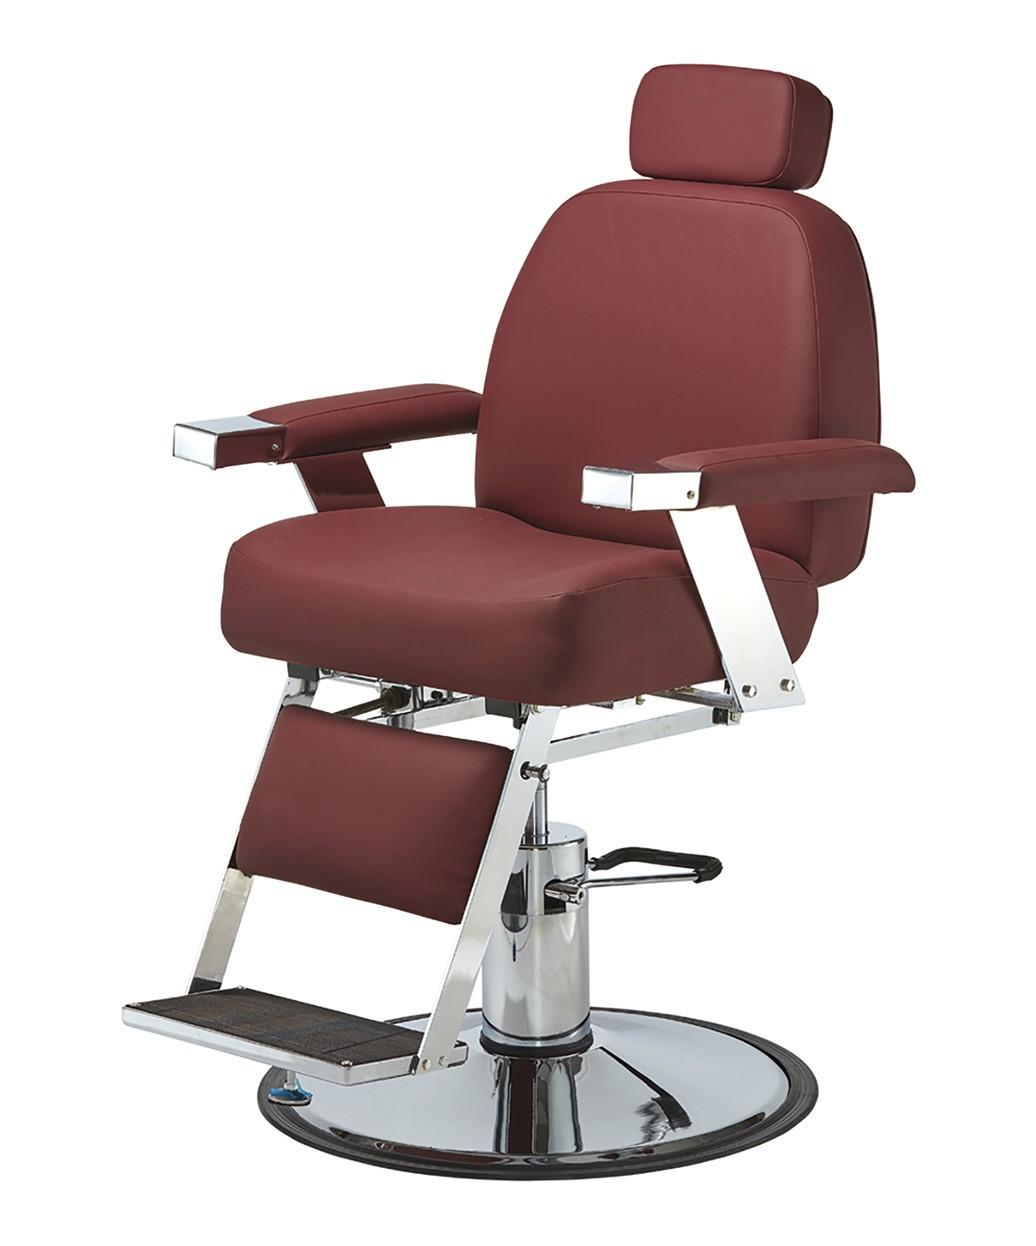 4 Operator Pibbs 651 Duke Barber Package Pibbs 651 Duke Barber Chair